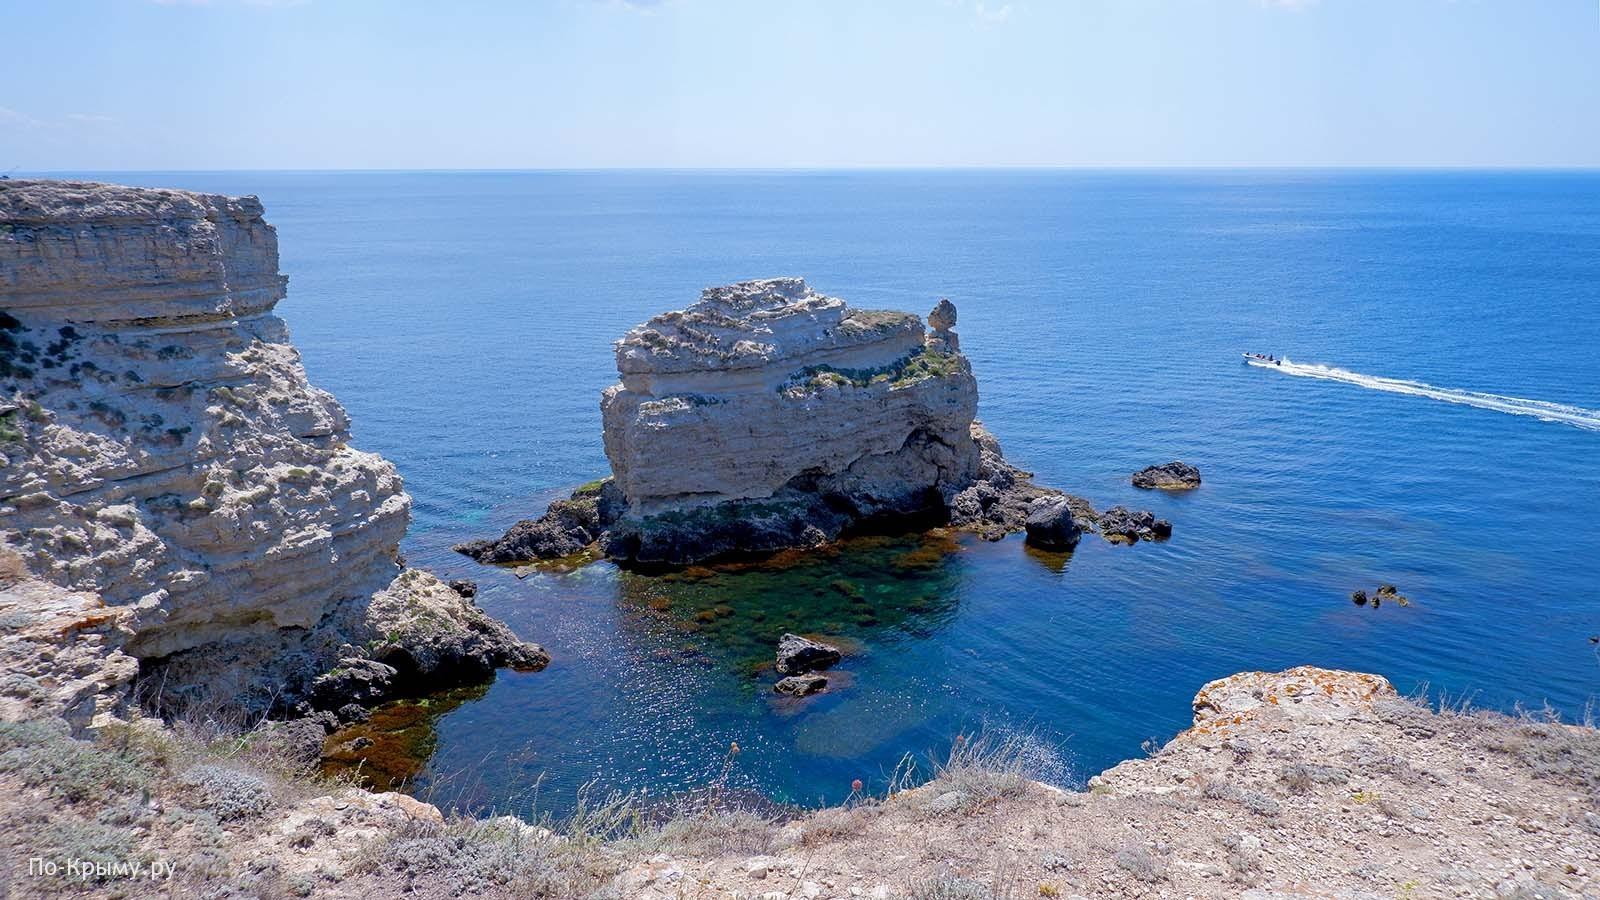 Достопримечательности Тарханкута - скала Черепаха